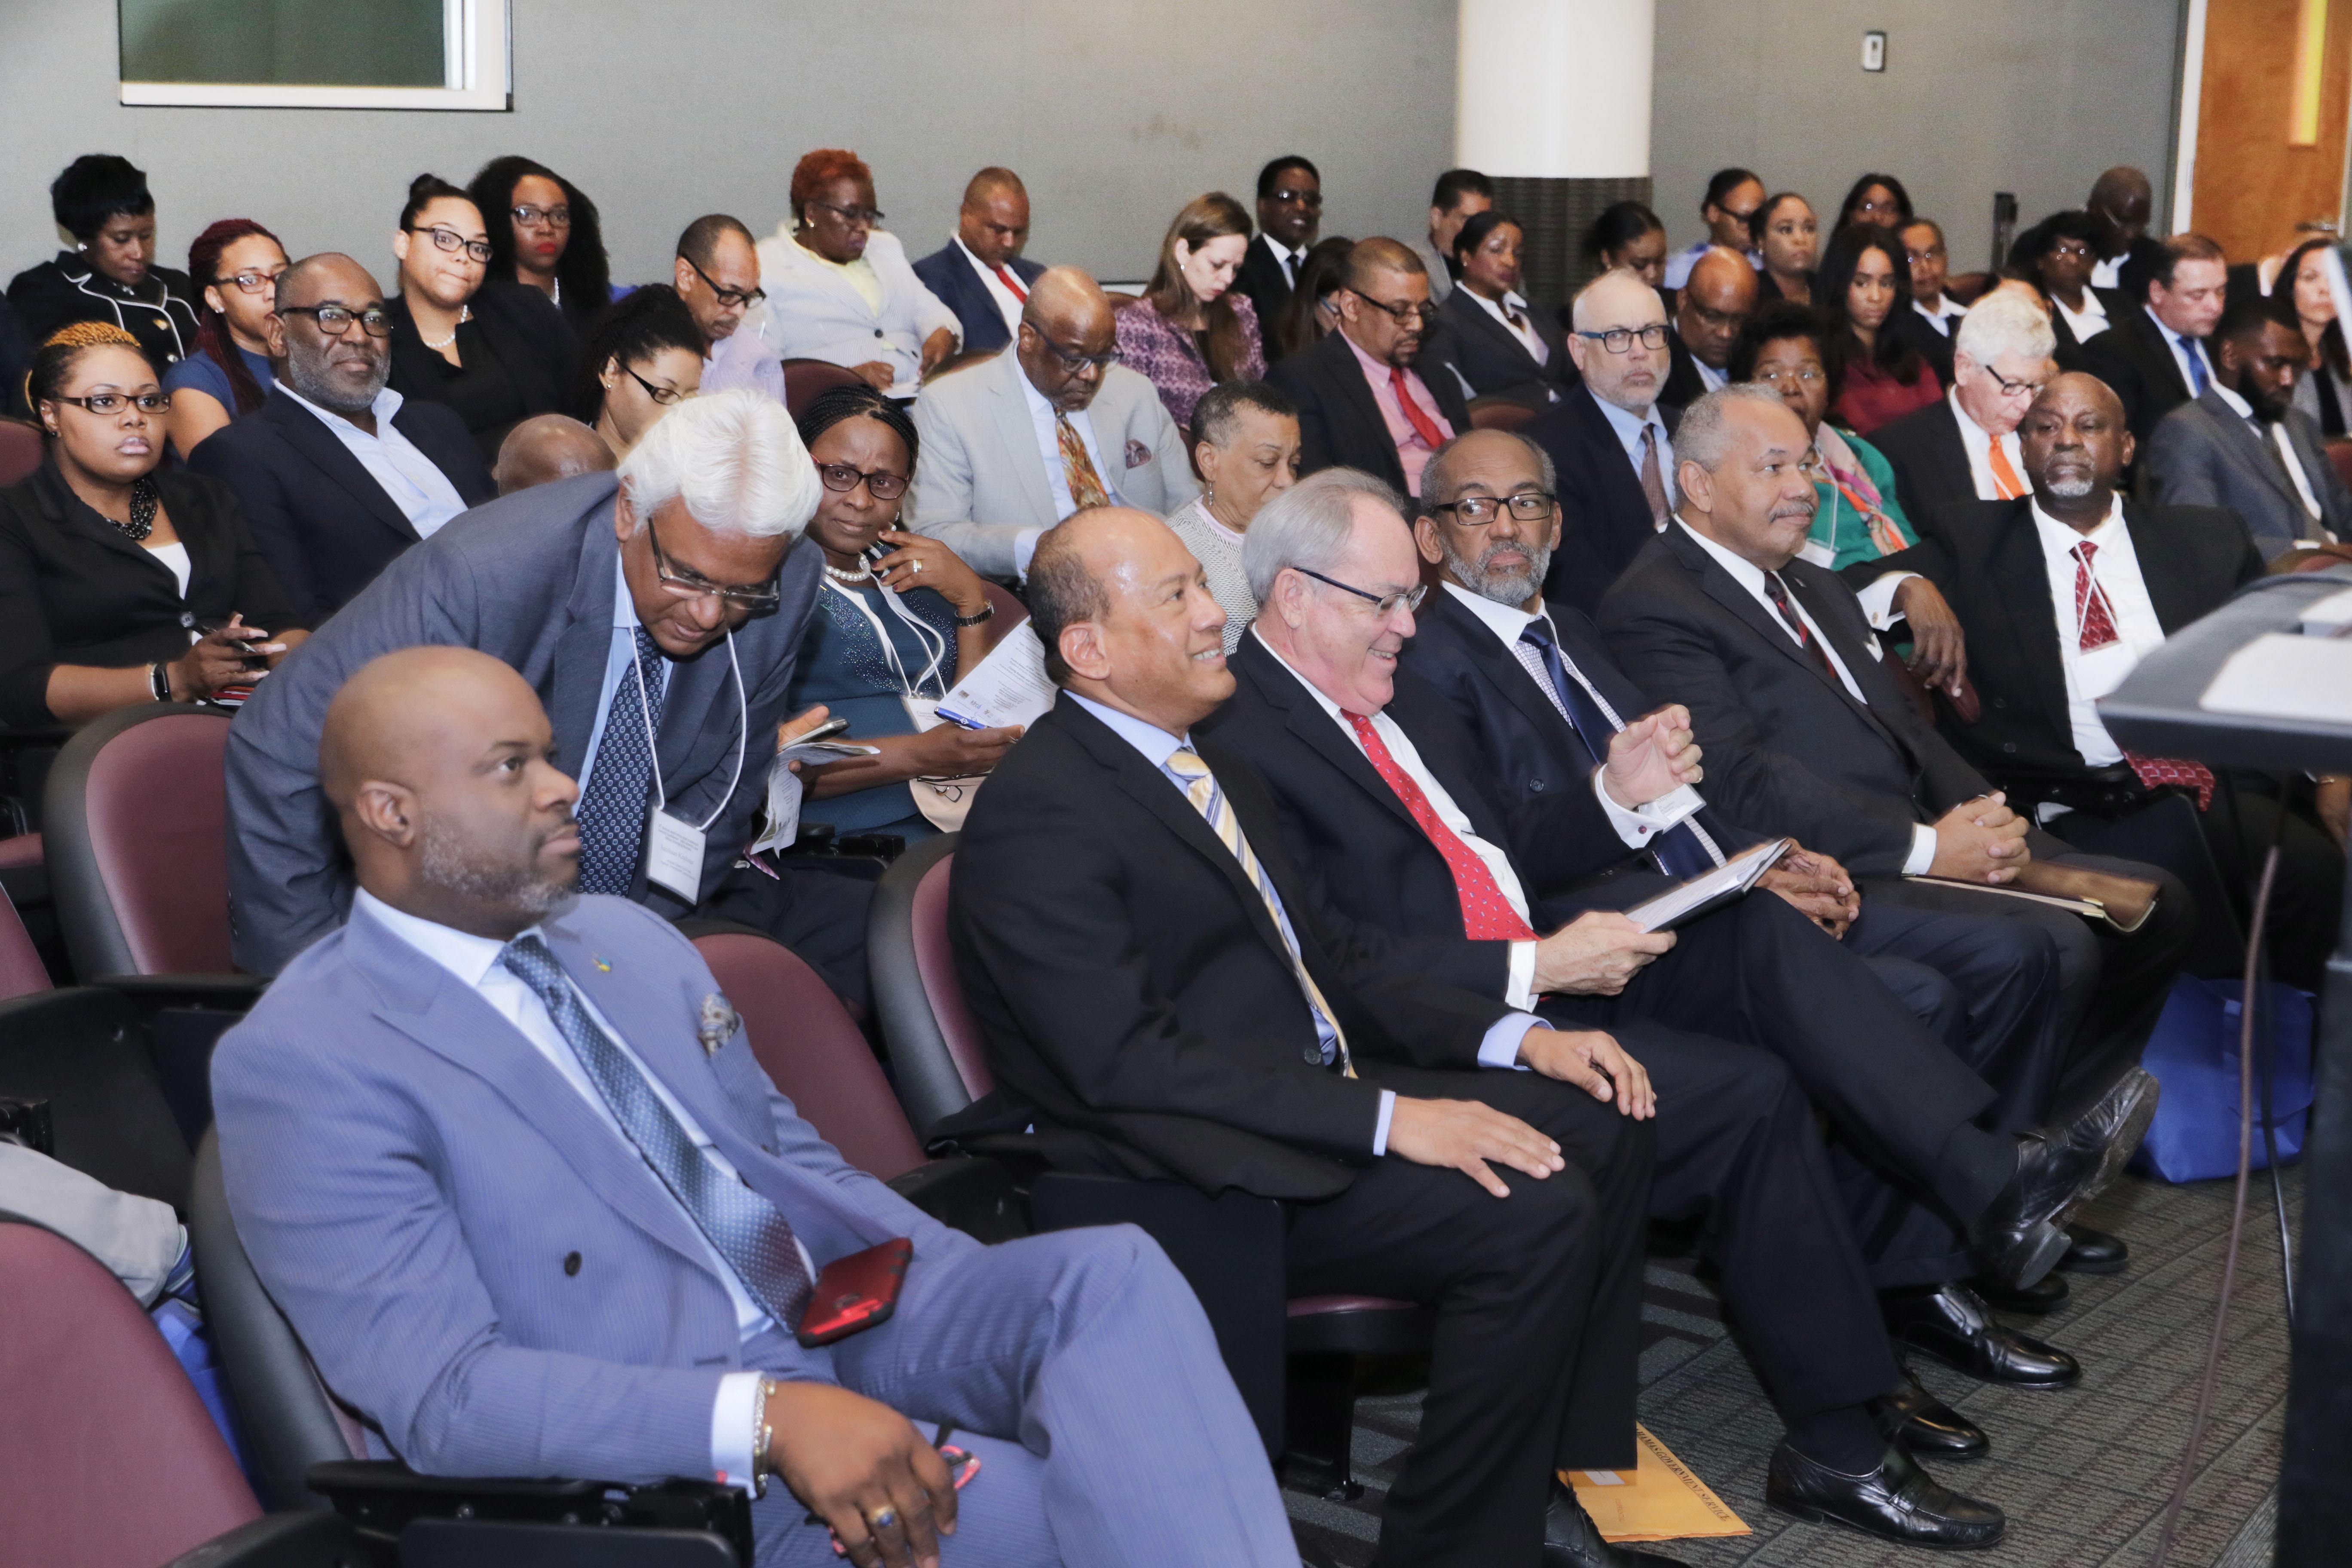 Symonette discusses Bahamasas commercial arbitration centre